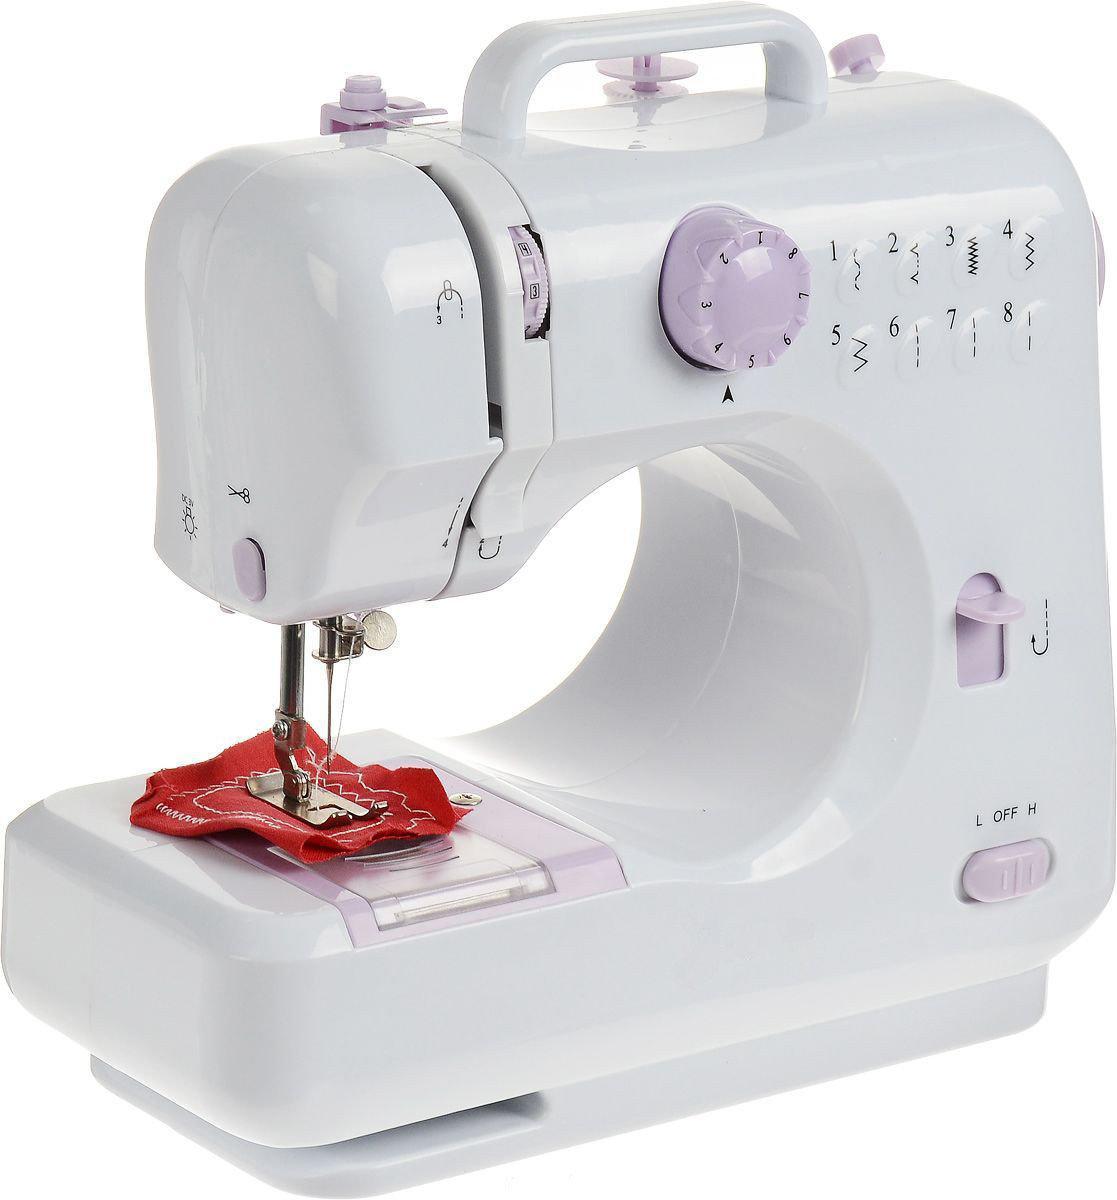 Швейная машинка SEWING MACHINE 505, 8 типов строчек, Белая